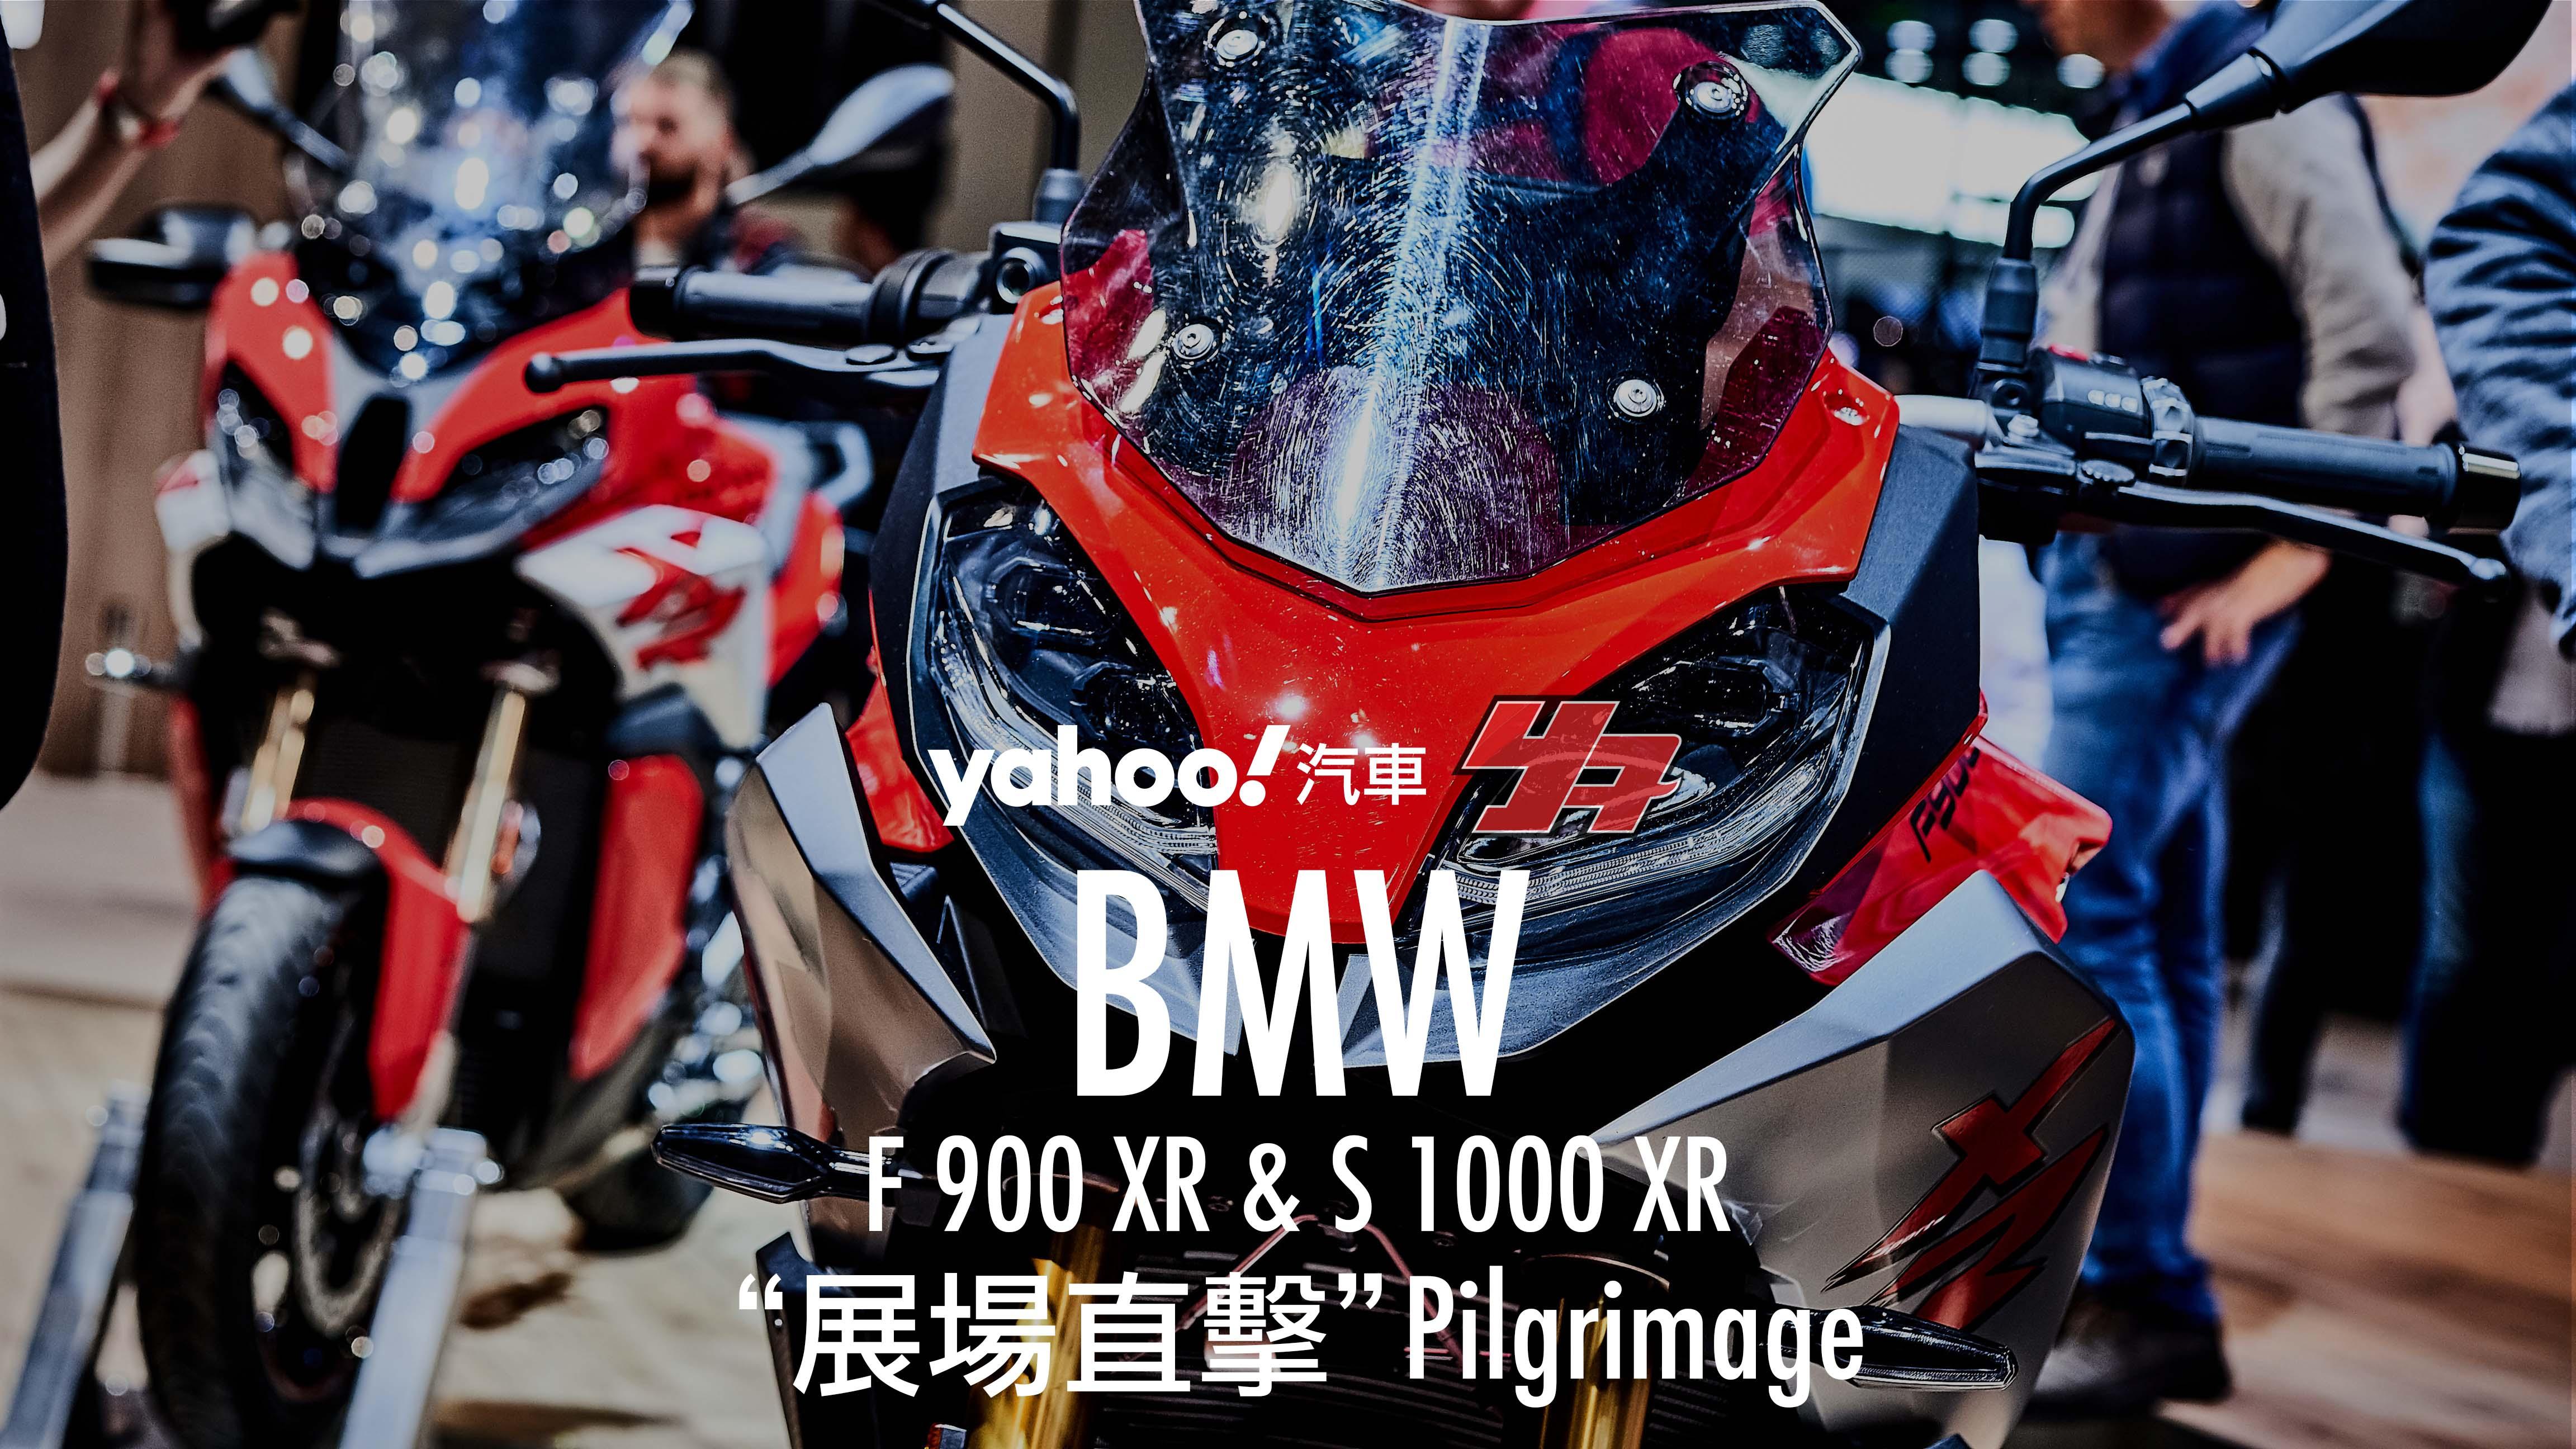 【米蘭車展直擊】近似卻韻底不同!BMW F 900 XR & S 1000 XR迷人亮相